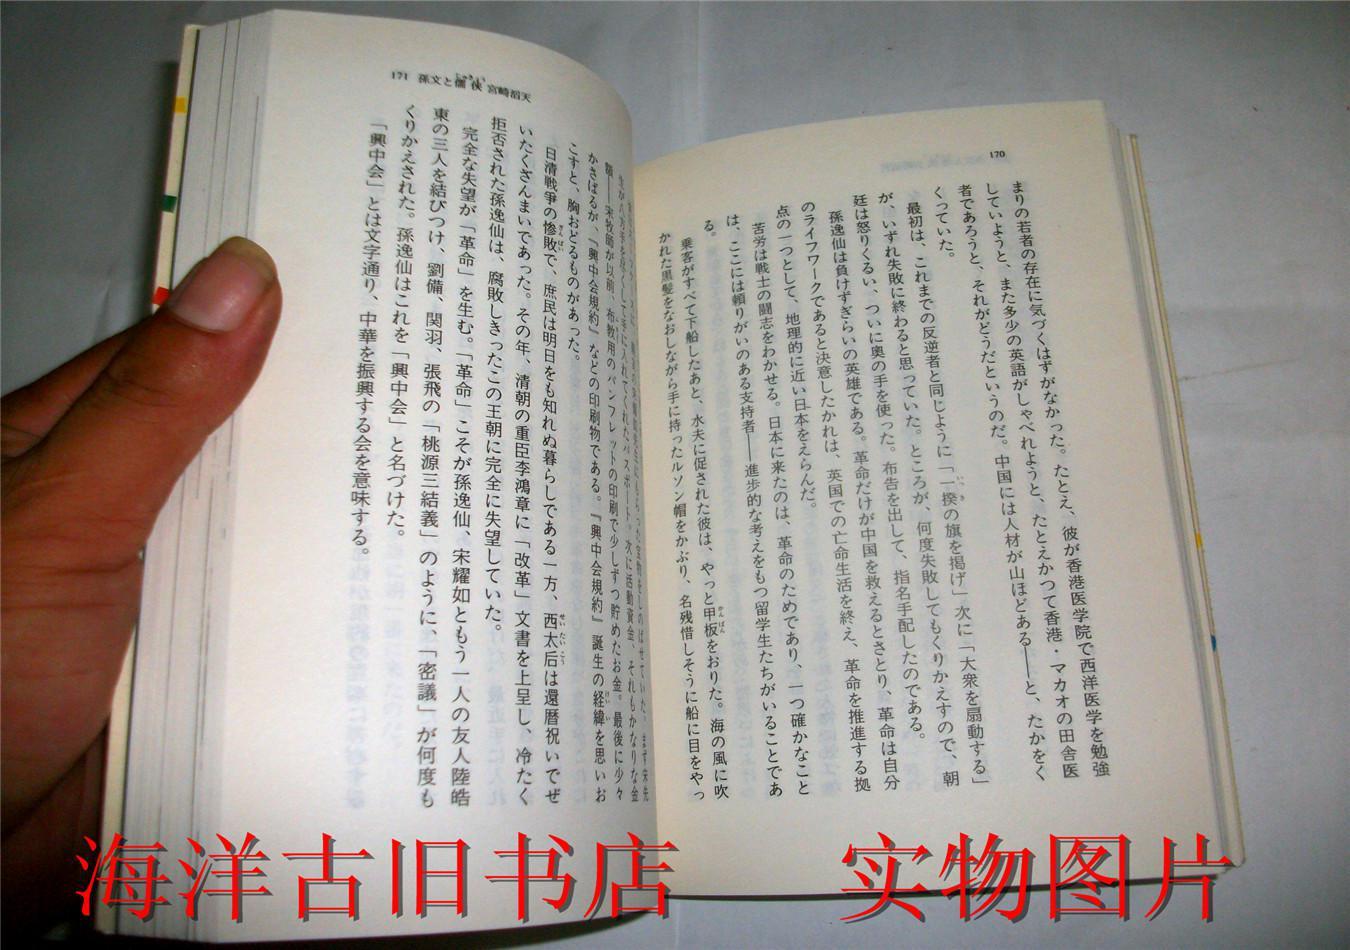 千年の思い (叶文玲 著/大田光华 訳)图片